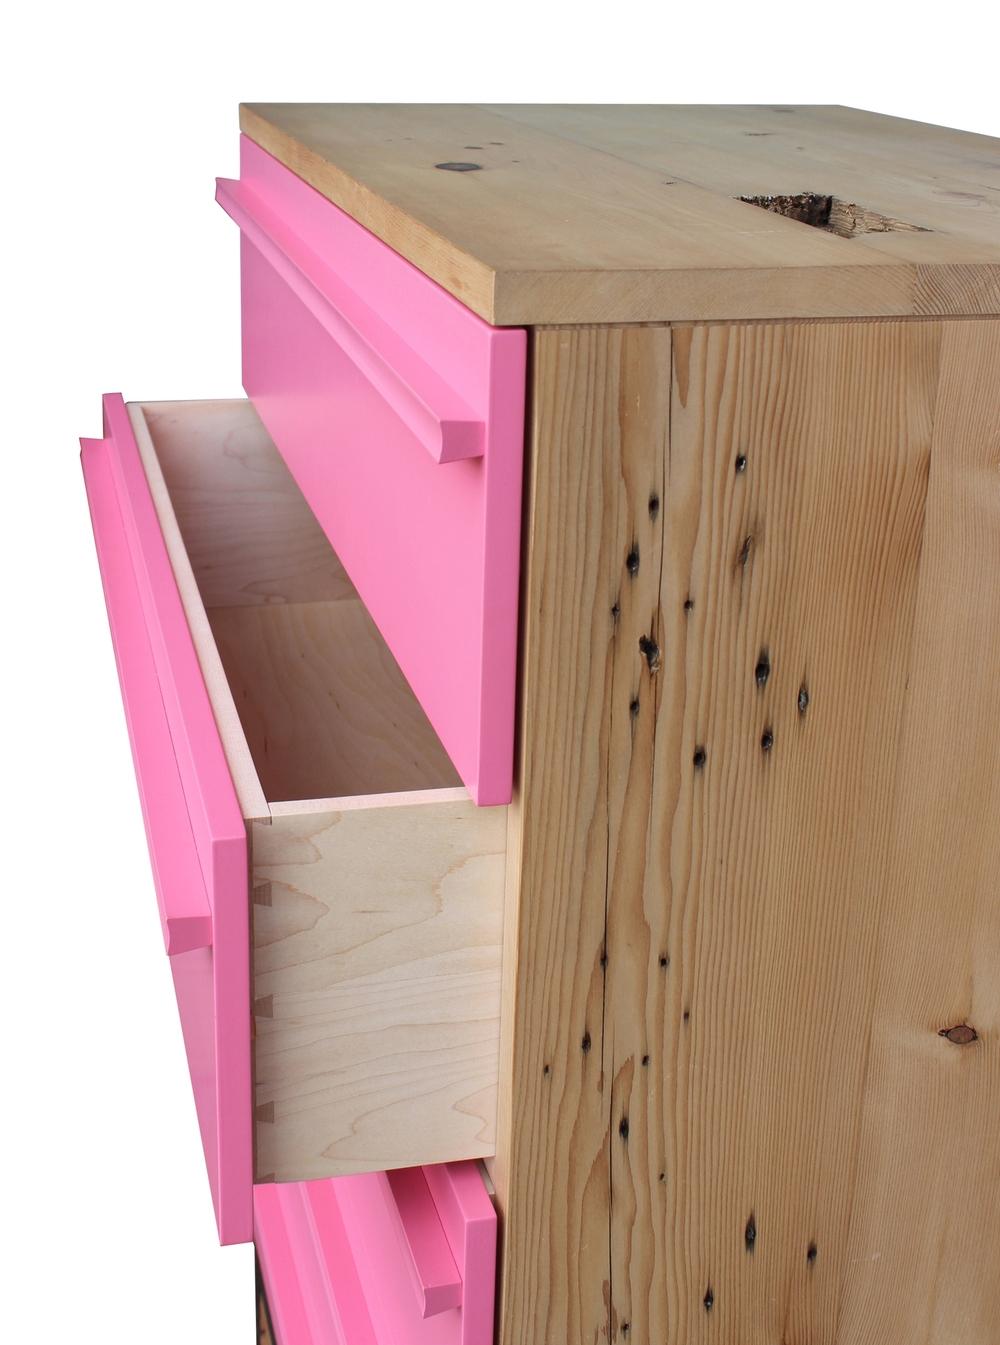 pink dresser, console photos 2014 069.JPG